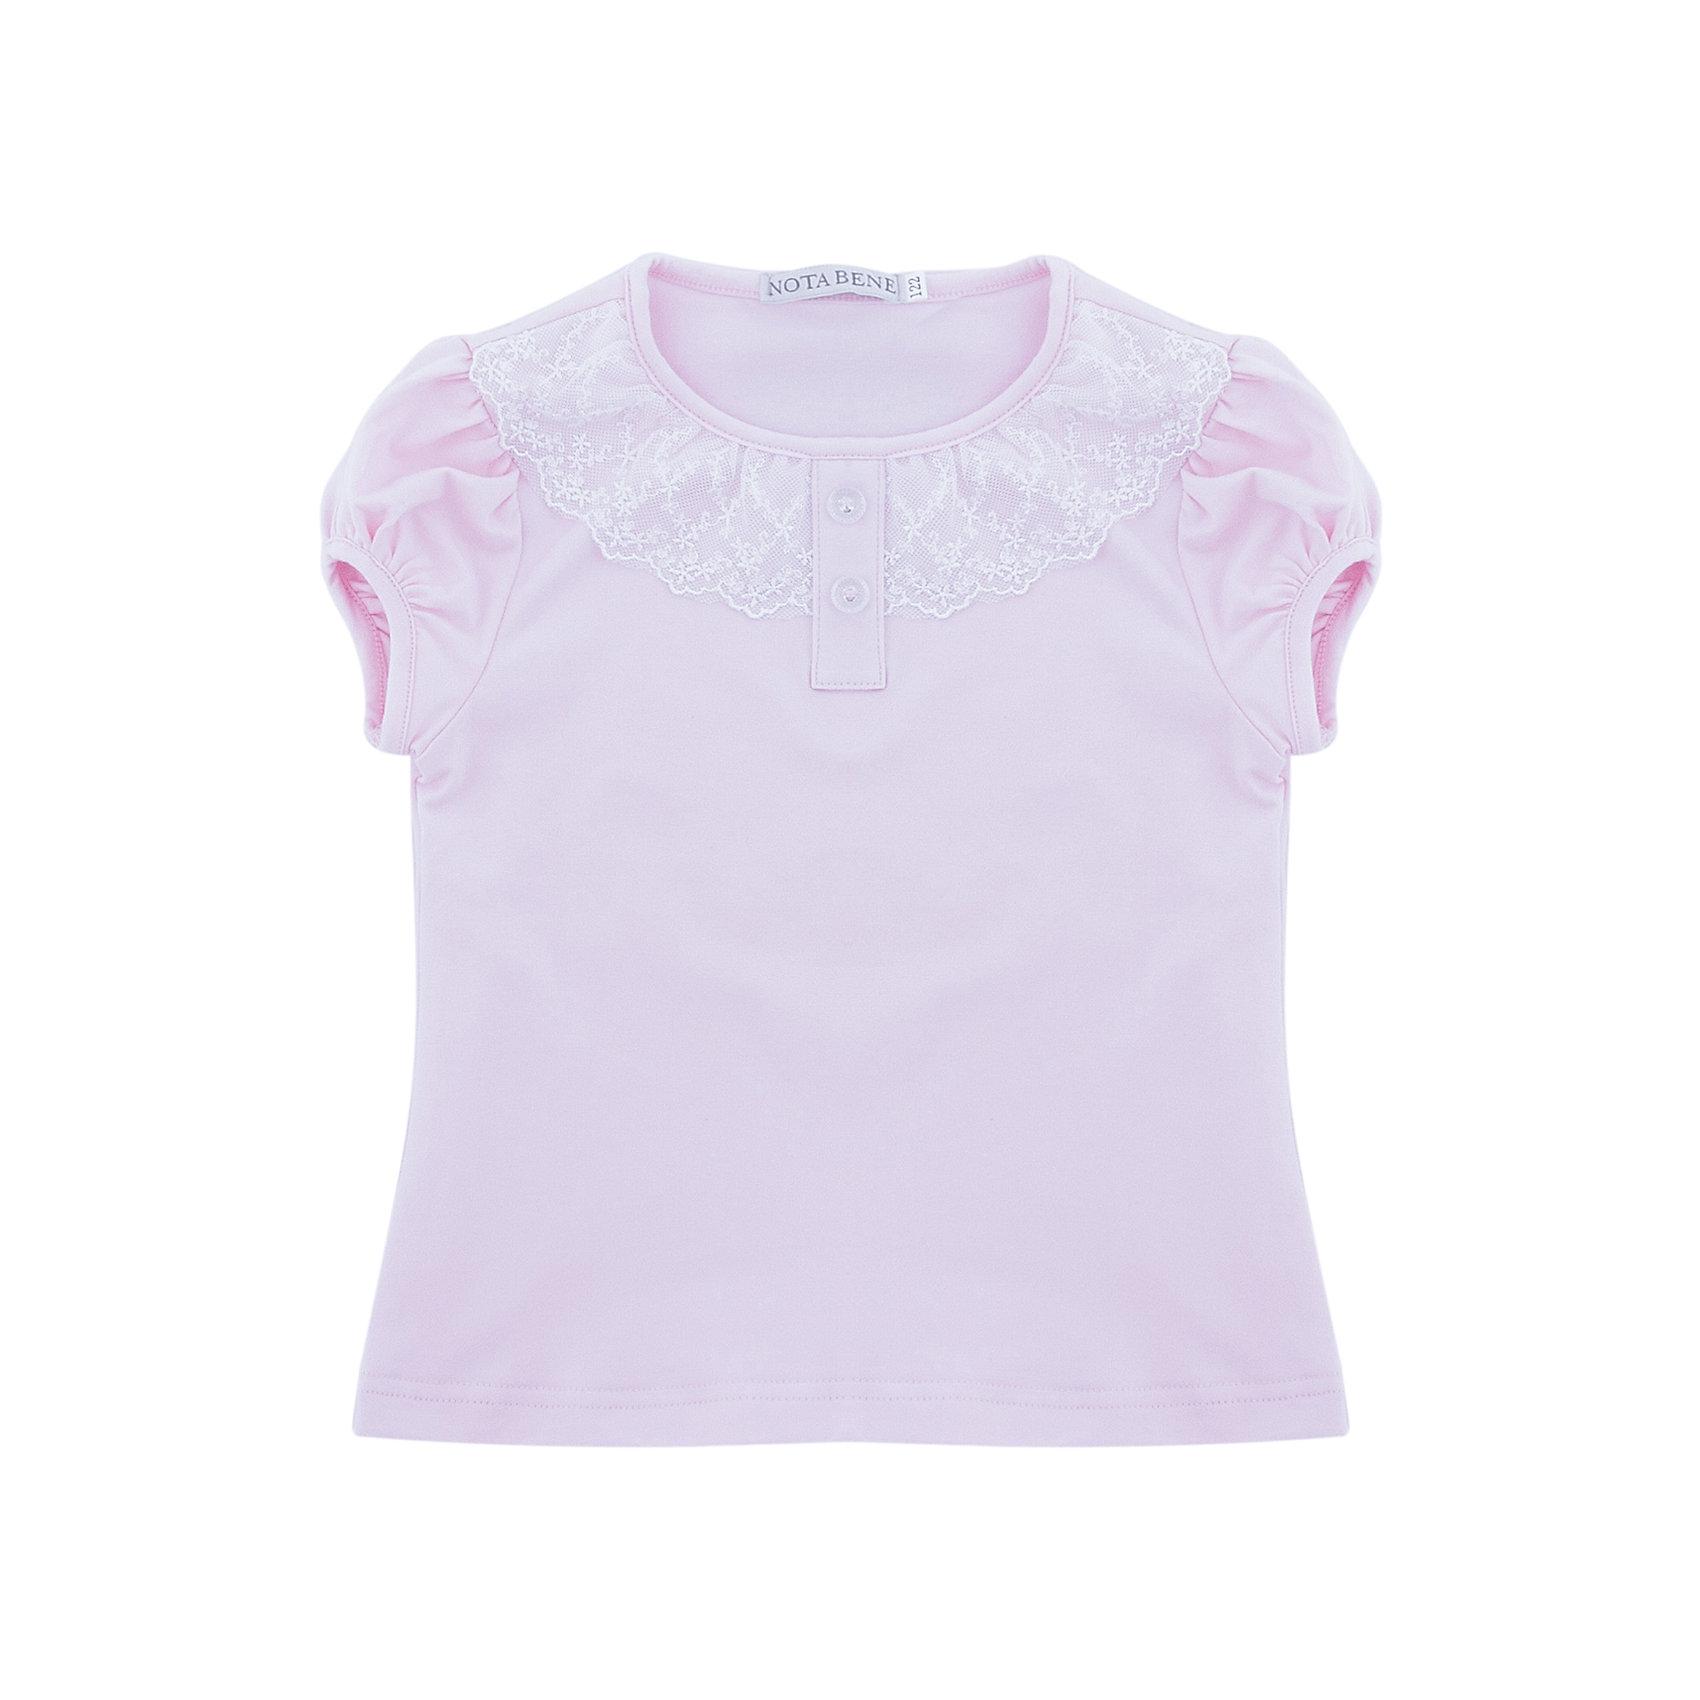 Блузка Nota Bene для девочкиБлузки и рубашки<br>Блузка с короткими рукавами с кружевной отделкой<br>Соответствует размеру<br>Рекомендована предварительная стирка<br>Состав:<br>92% хлопок; 8% лайкра<br><br>Ширина мм: 186<br>Глубина мм: 87<br>Высота мм: 198<br>Вес г: 197<br>Цвет: розовый<br>Возраст от месяцев: 72<br>Возраст до месяцев: 84<br>Пол: Женский<br>Возраст: Детский<br>Размер: 122,164,128,134,140,146,152,158<br>SKU: 7011964